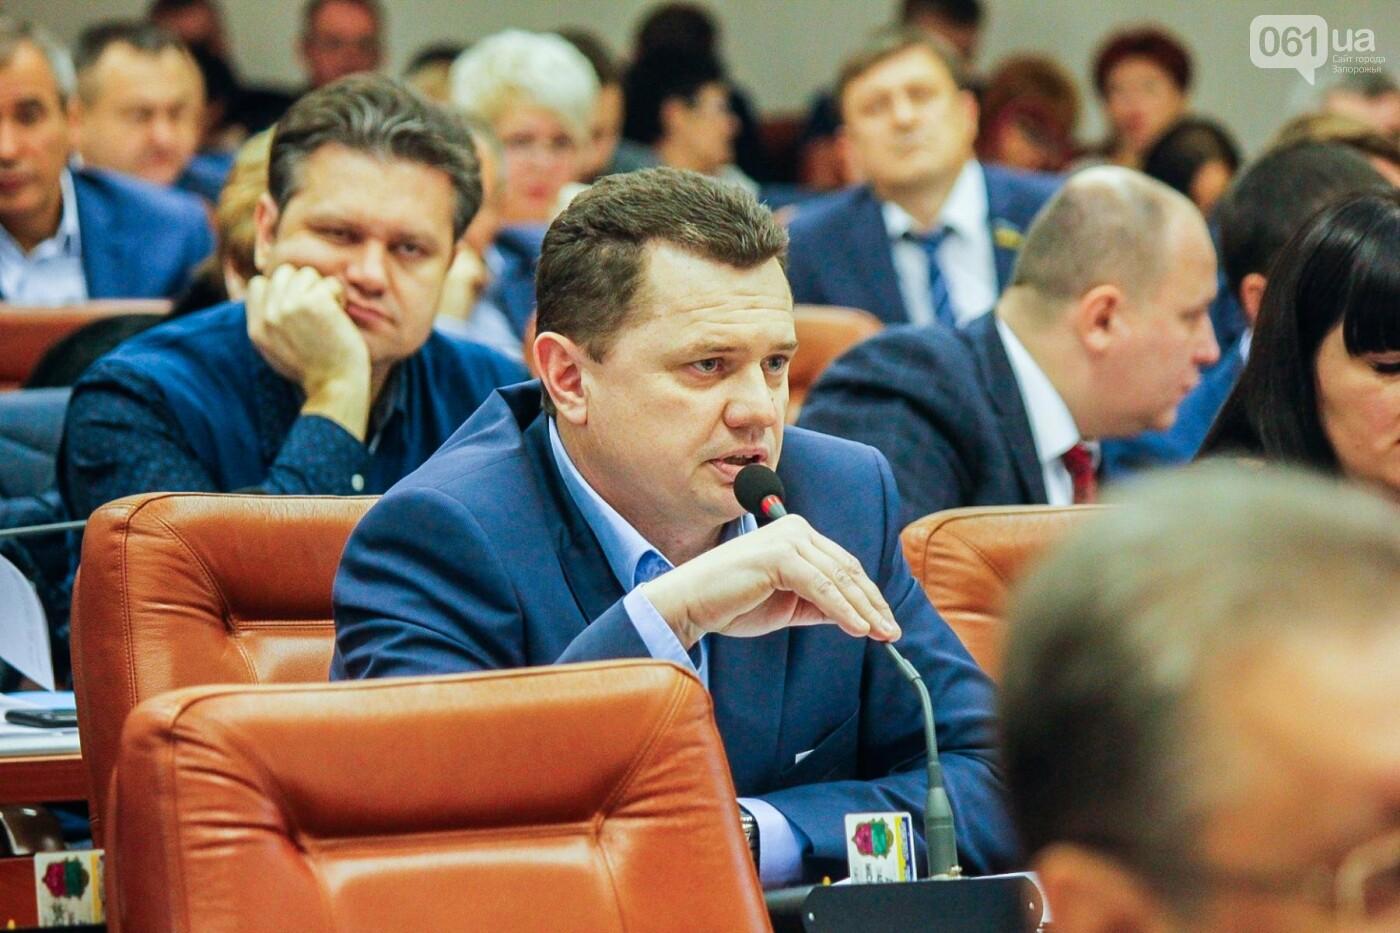 Сессия запорожского горсовета в лицах, - ФОТОРЕПОРТАЖ, фото-40